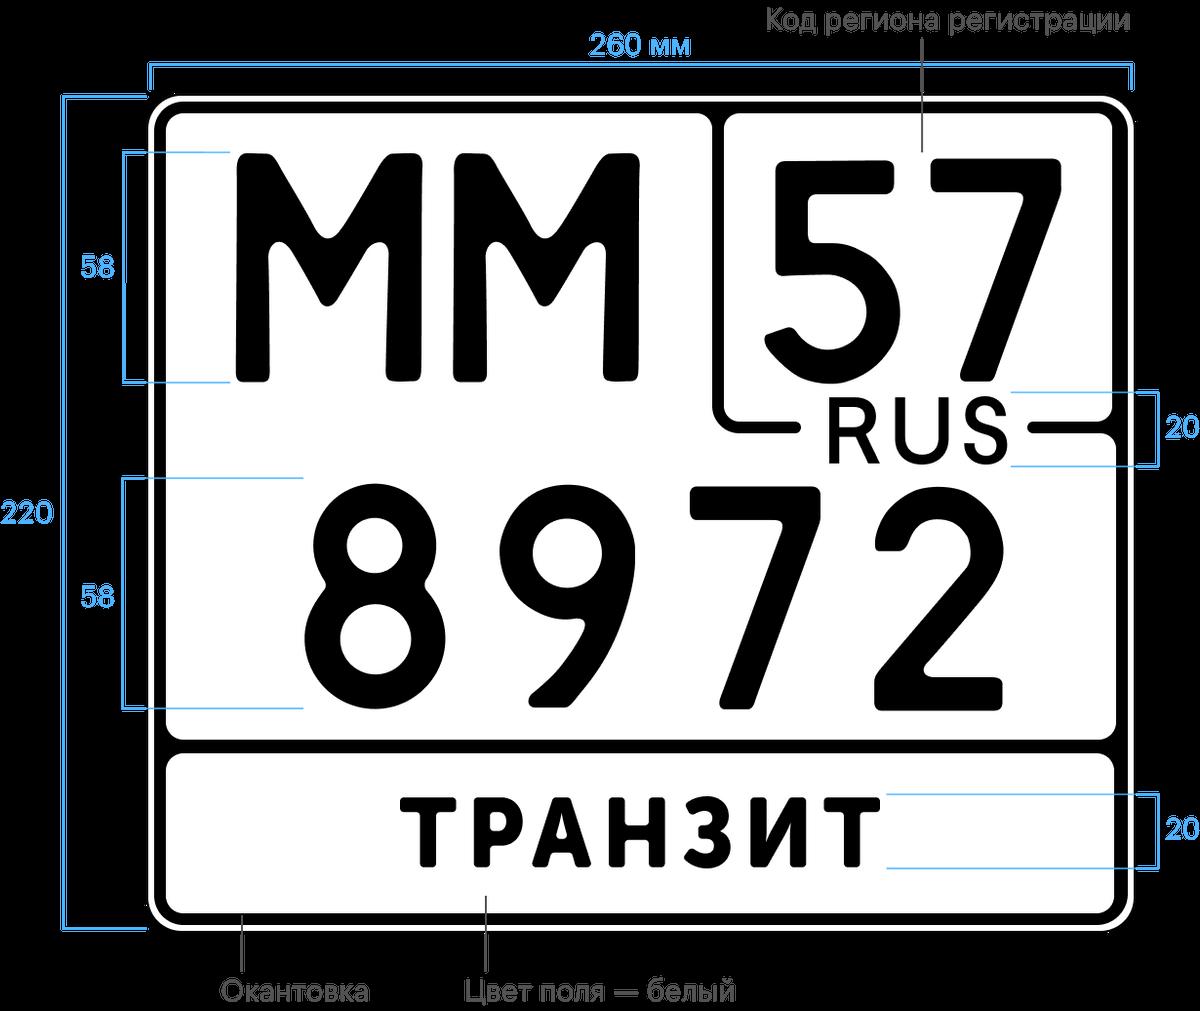 Знак типа 17. Транзитный знак длявоенного автотранспорта